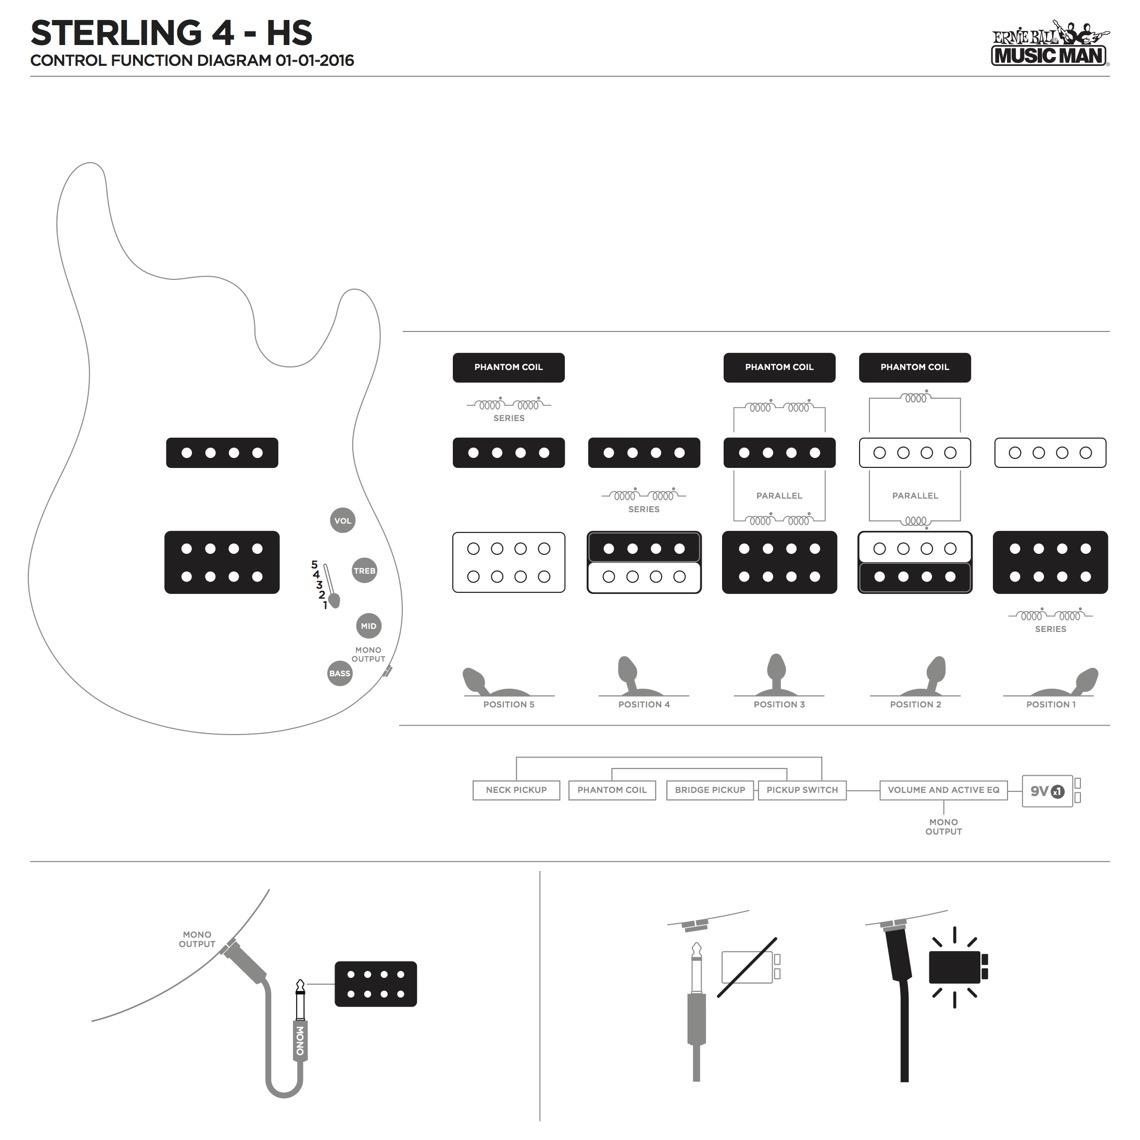 Steve Morse Wiring Diagram Schematics For Steven Guitar Mark Knopfler